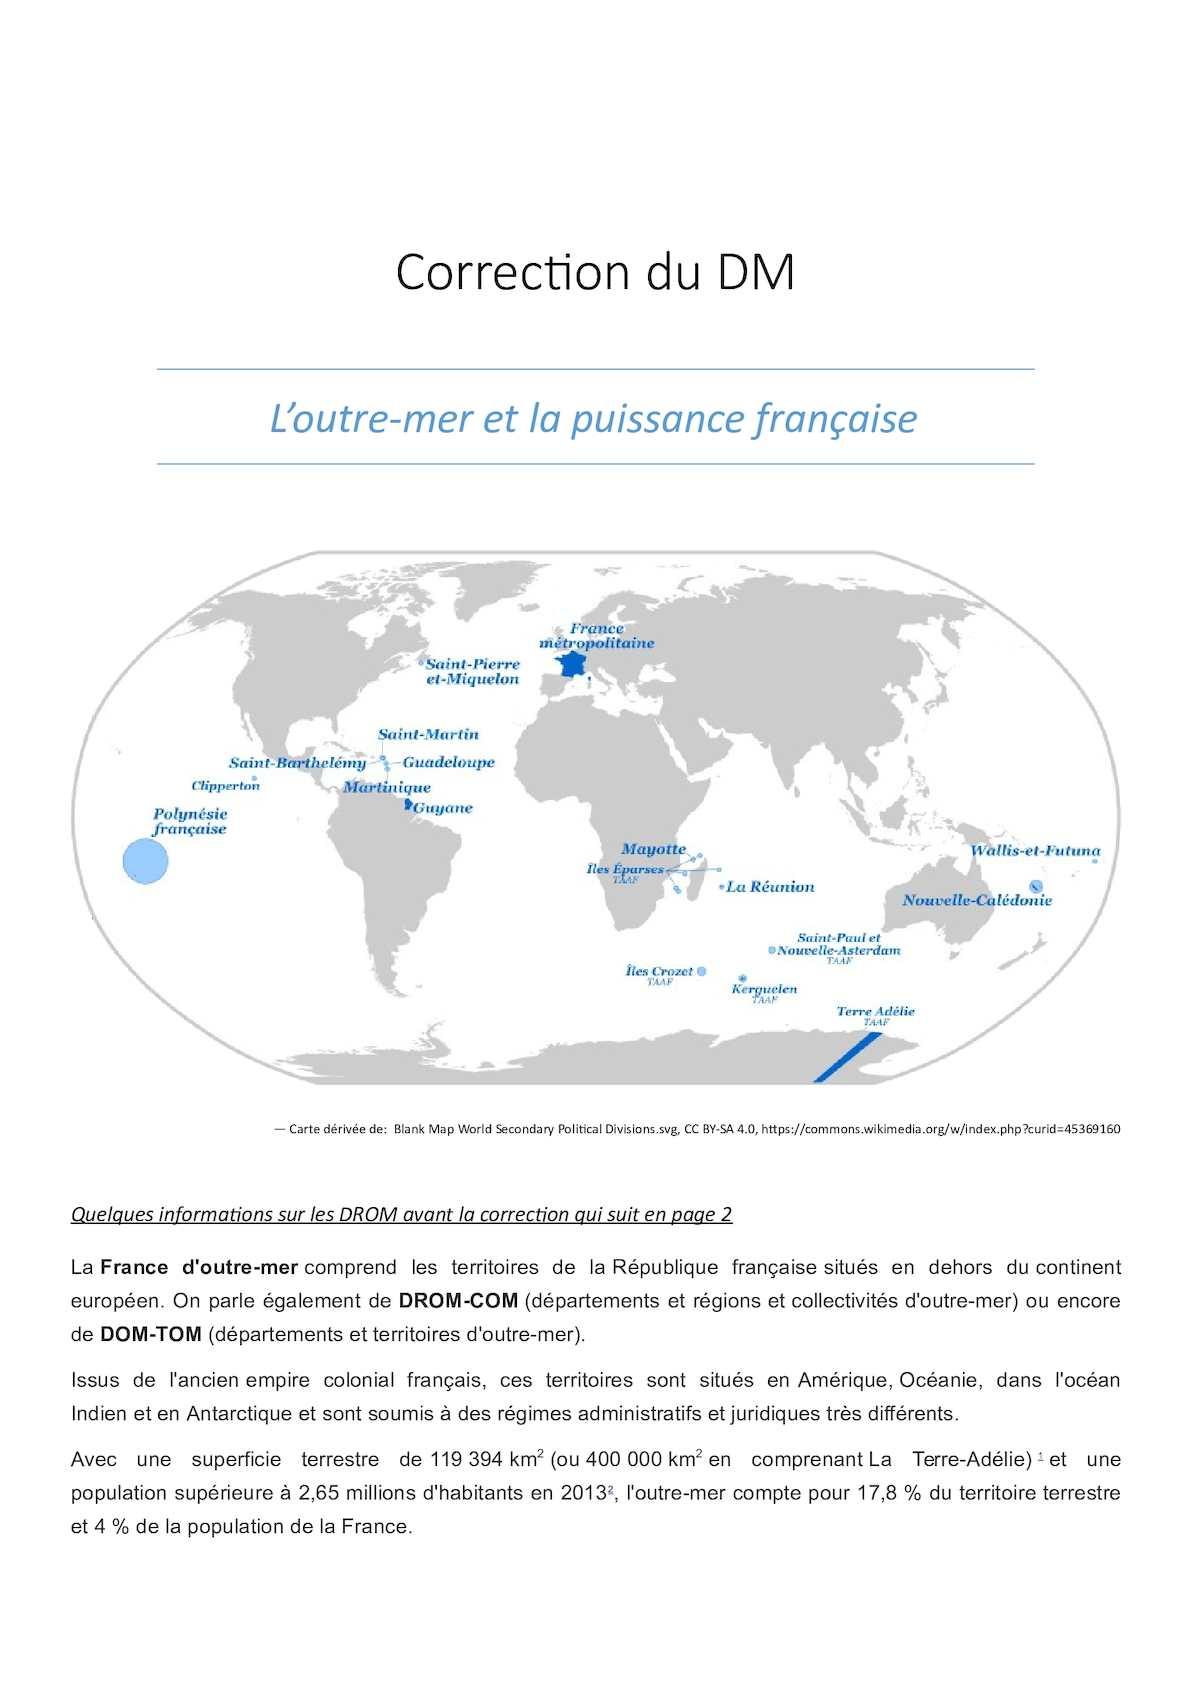 Calaméo - Devoir Drom Correction pour Carte France D Outre Mer